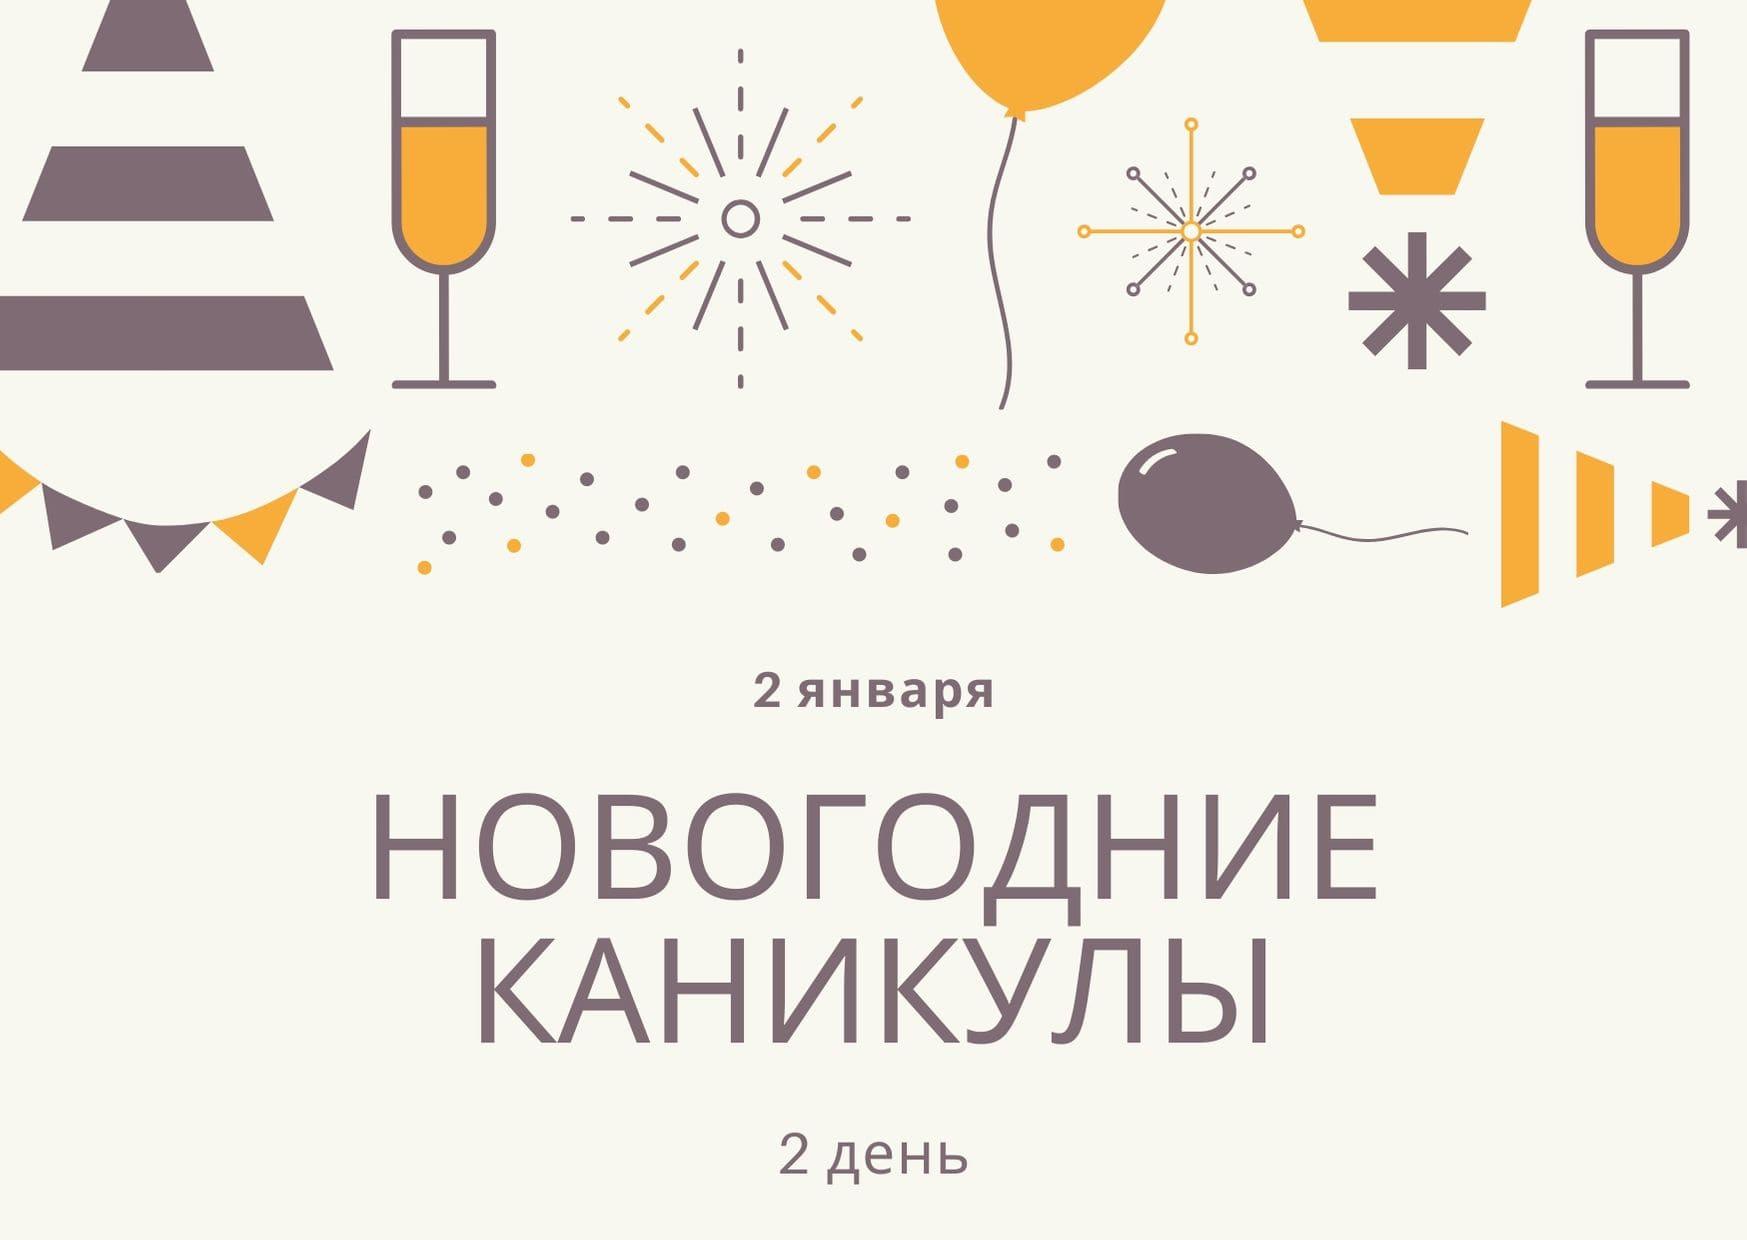 Новогодние каникулы. 2 день. 2 января